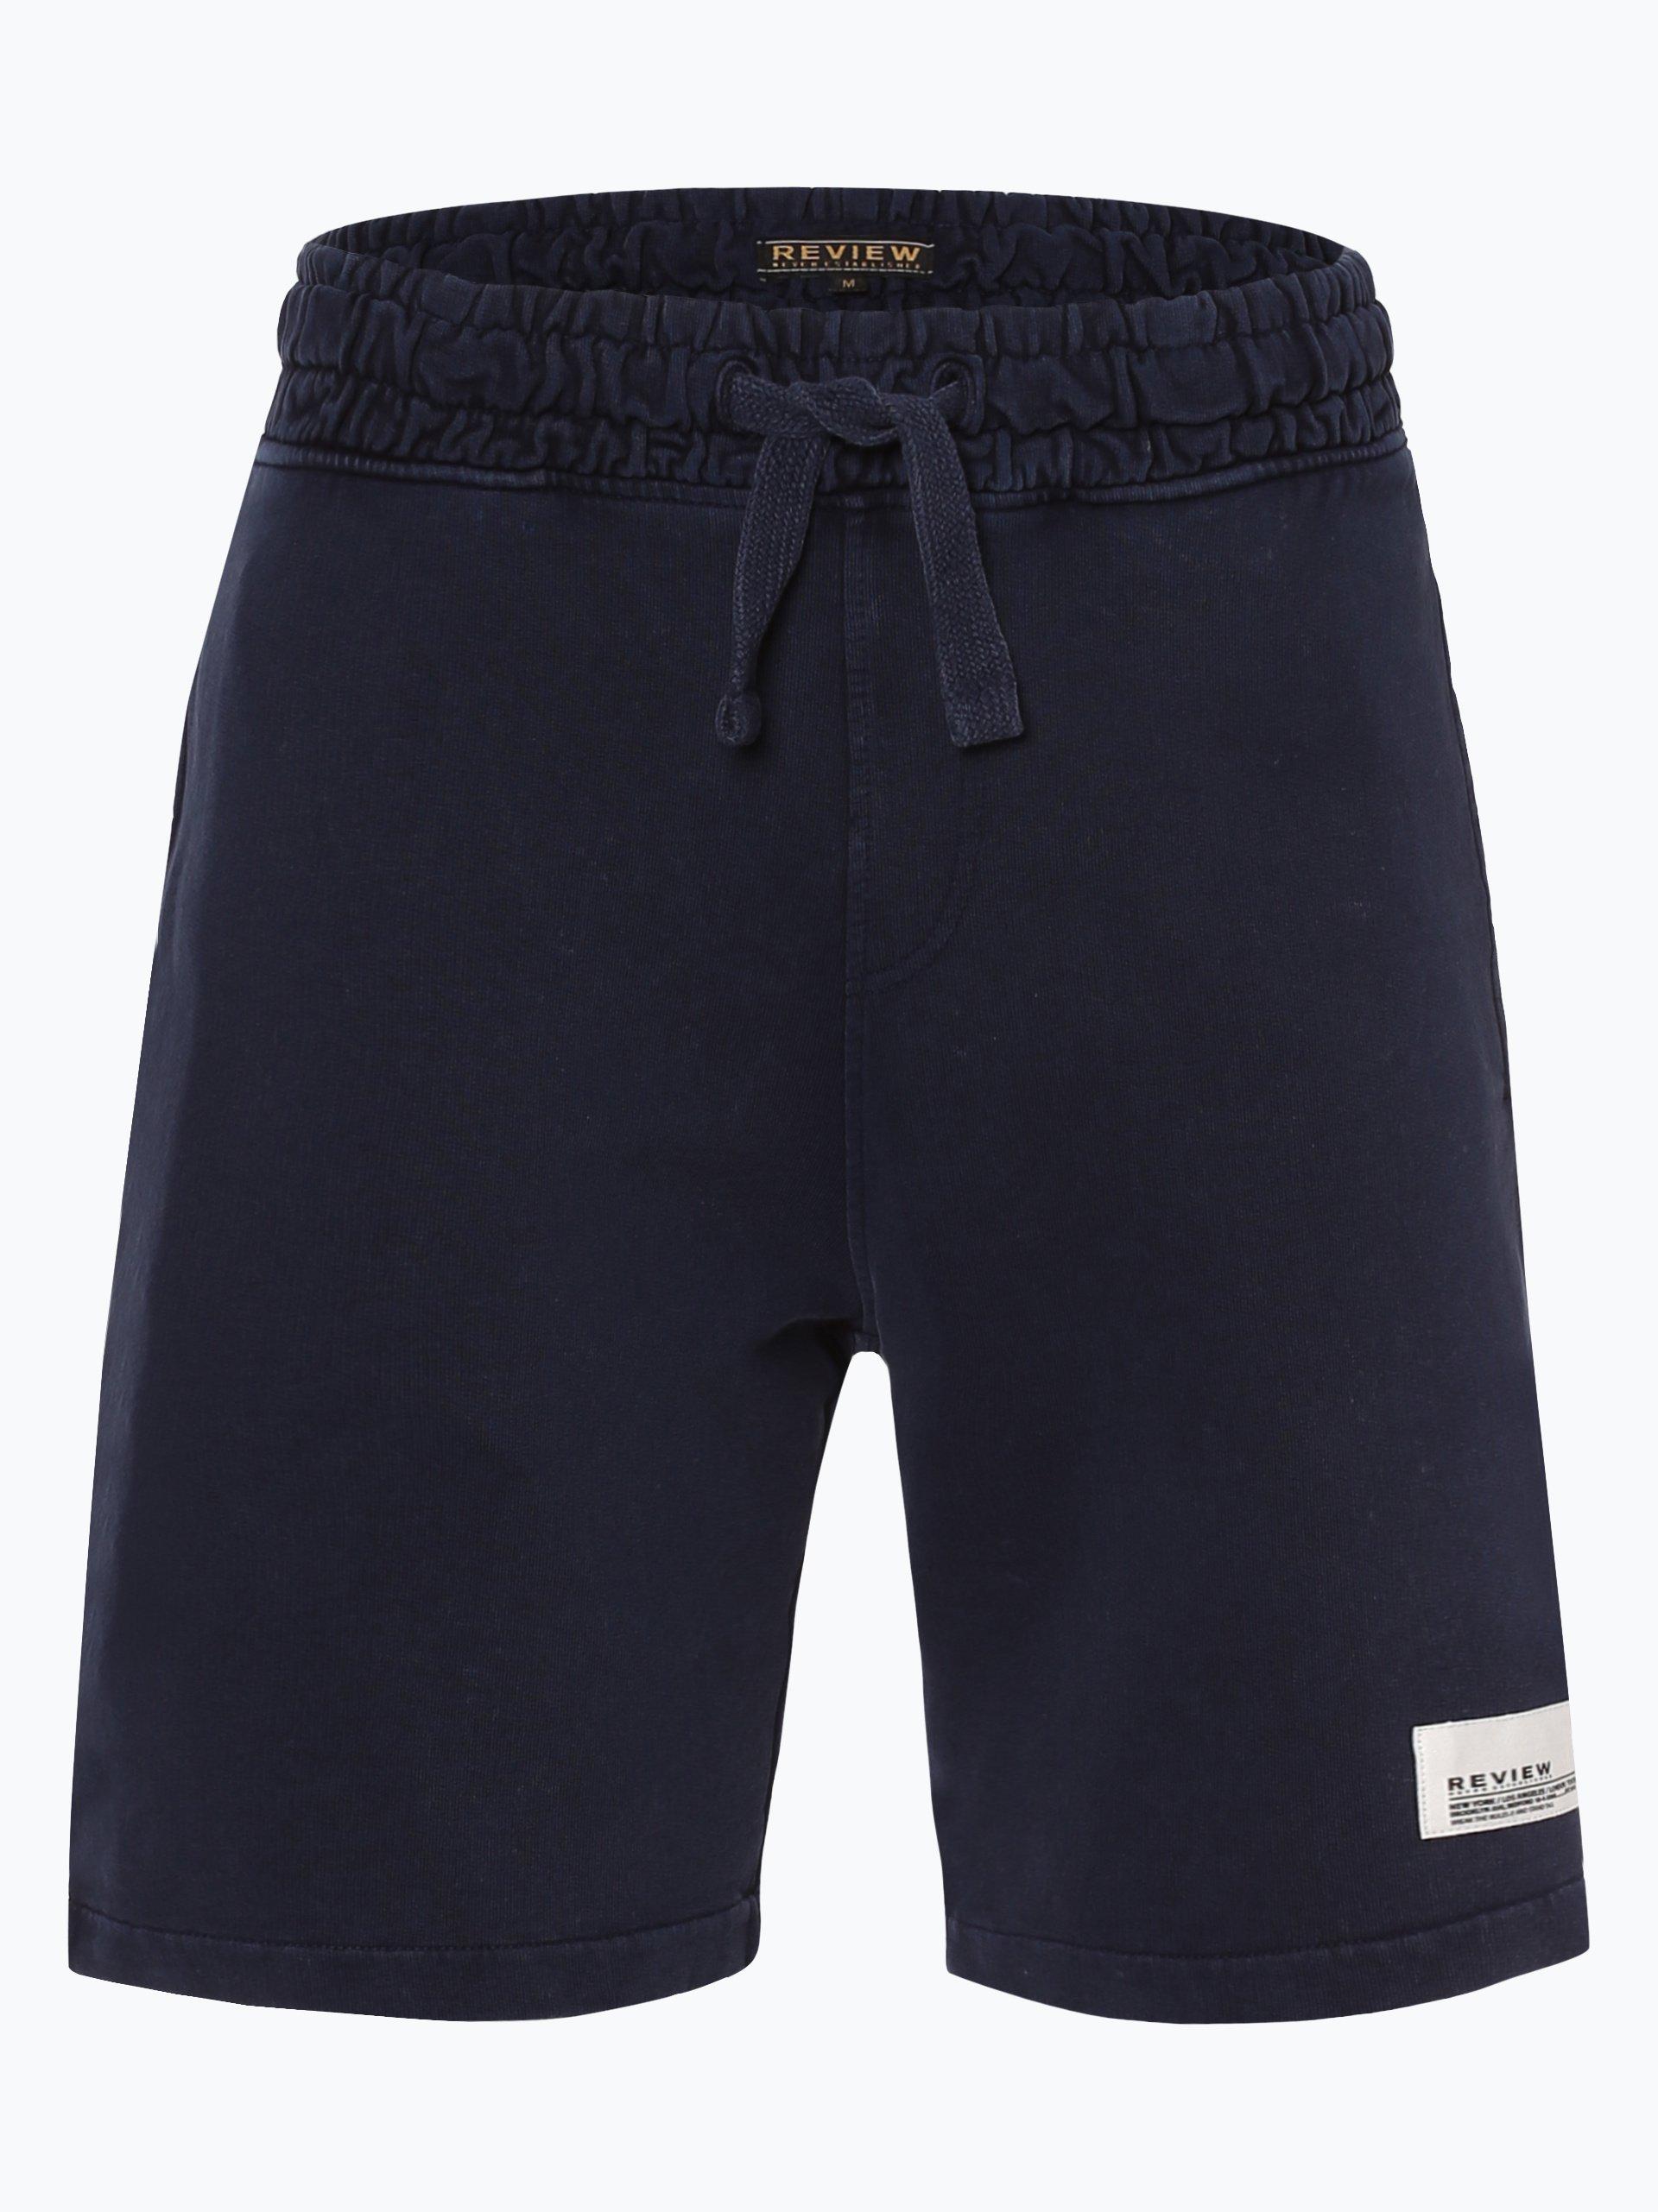 Review Herren Shorts